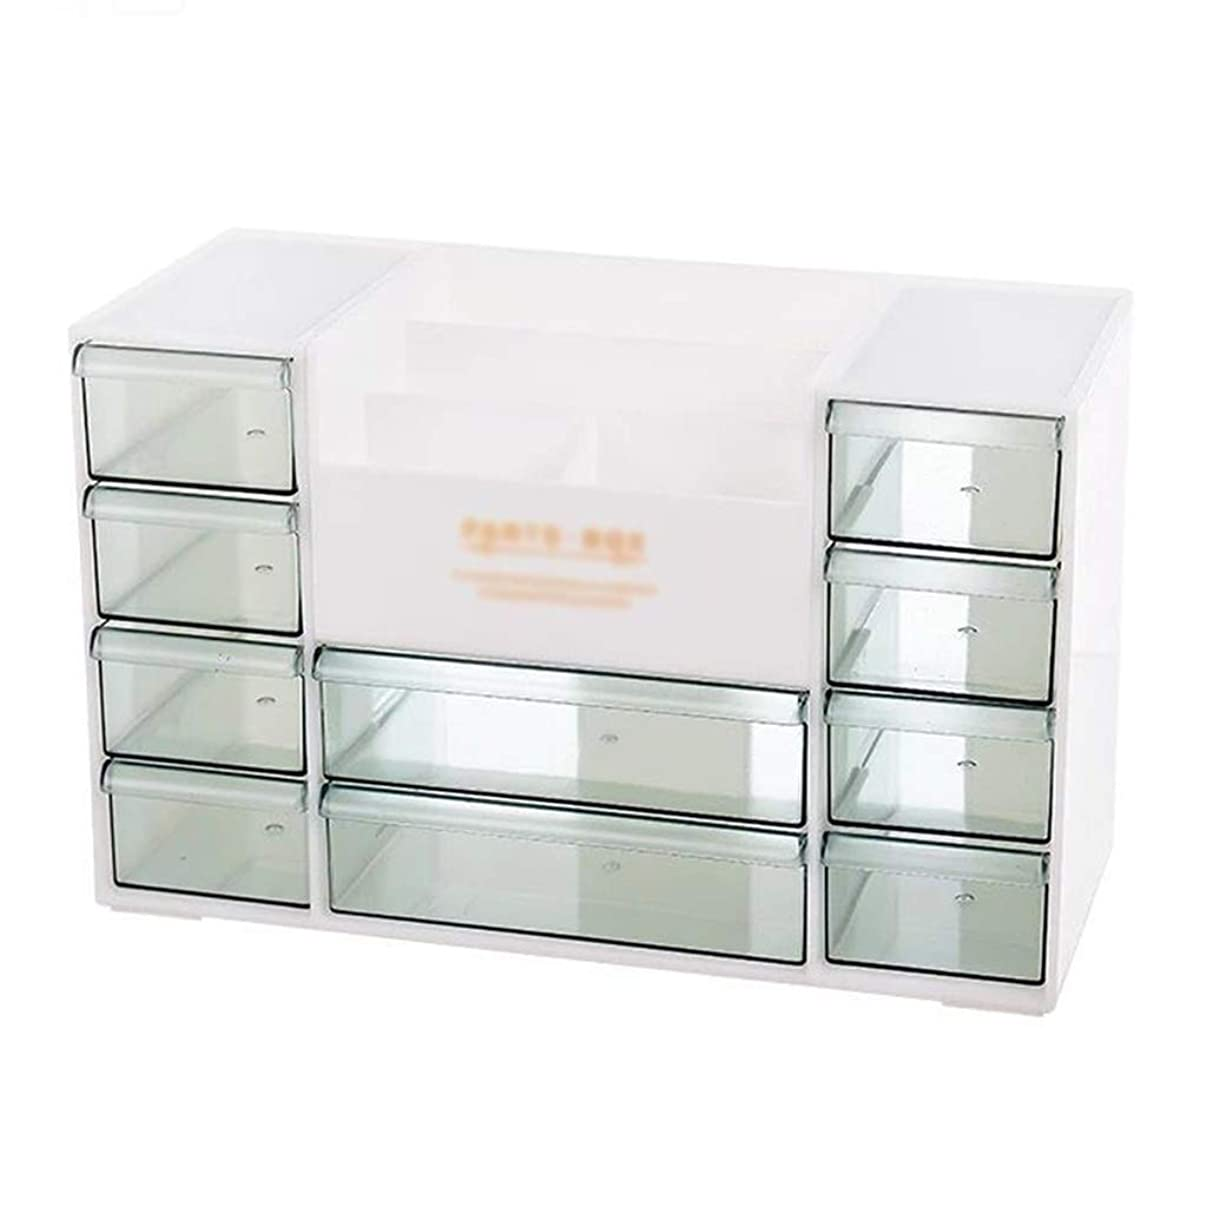 ステートメントマークパドル化粧品収納ボックス本デスクトップ収納オフィス引き出し選別ボックスシンプル家庭用プラスチックボックスラック (Color : BEIGE, Size : 30.5*13*19.5CM)